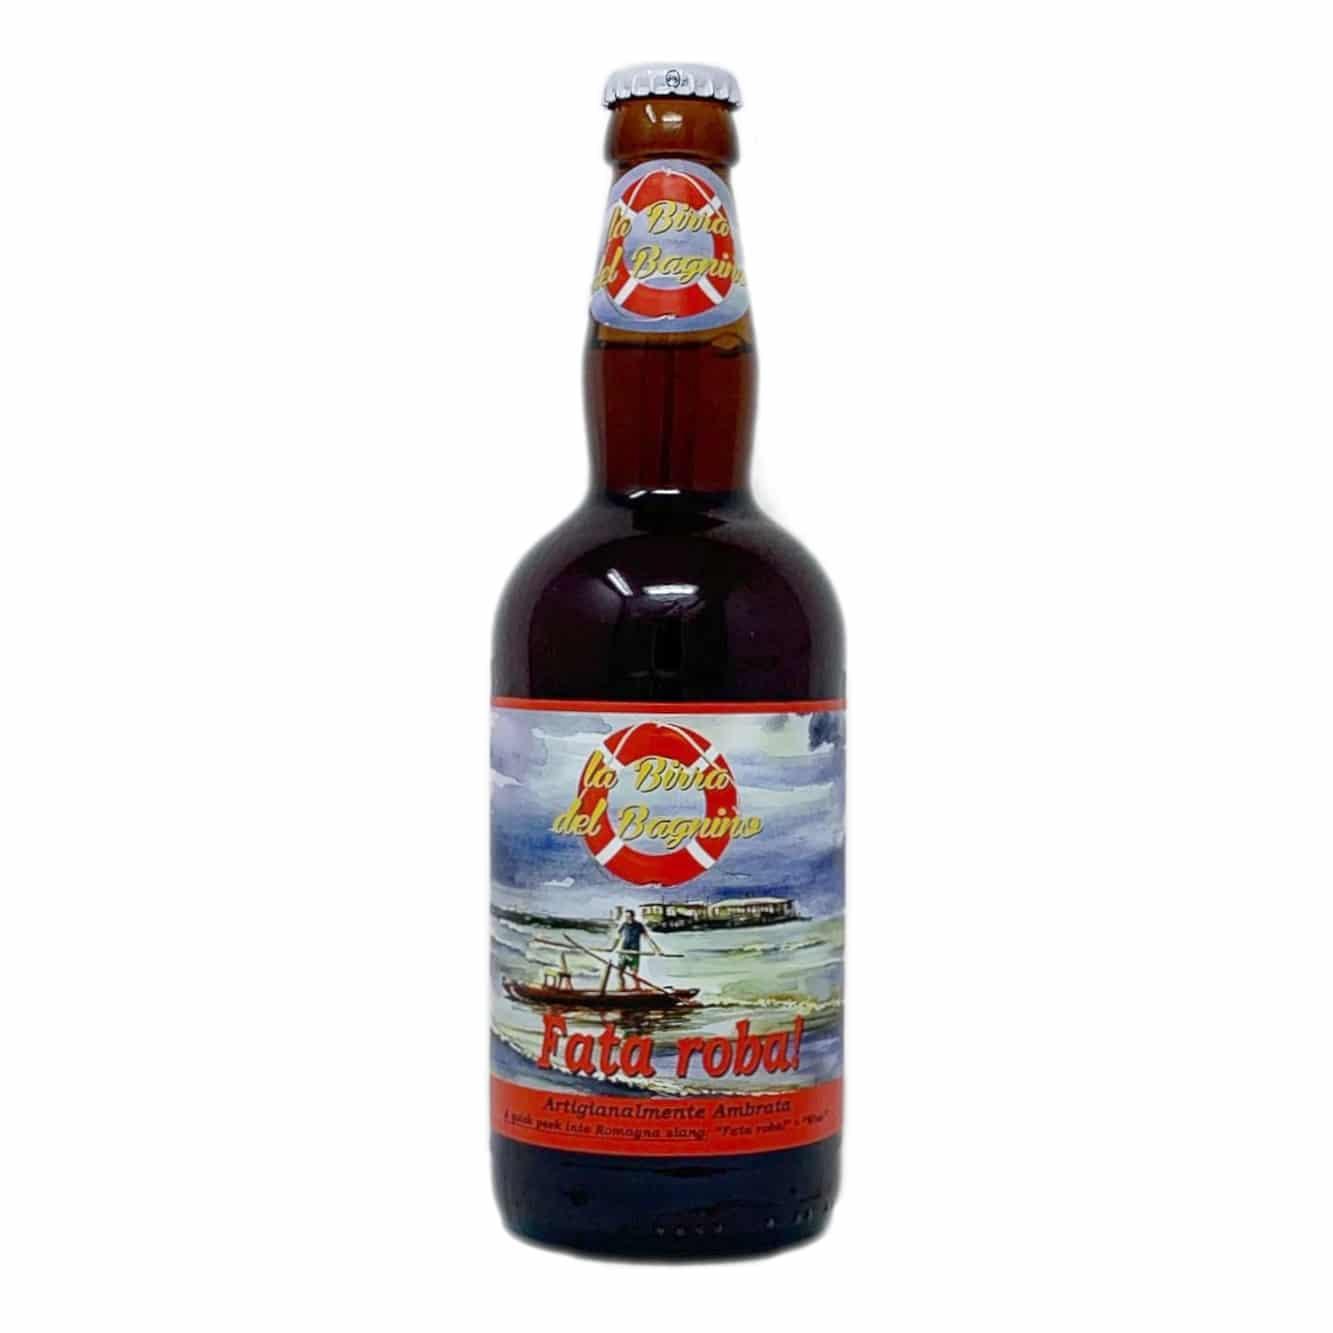 FATA ROBA! Birra Artigianale Ambrata Amber Ale 50 CL La Birra del Bagnino - prodotti tipici romagnoli